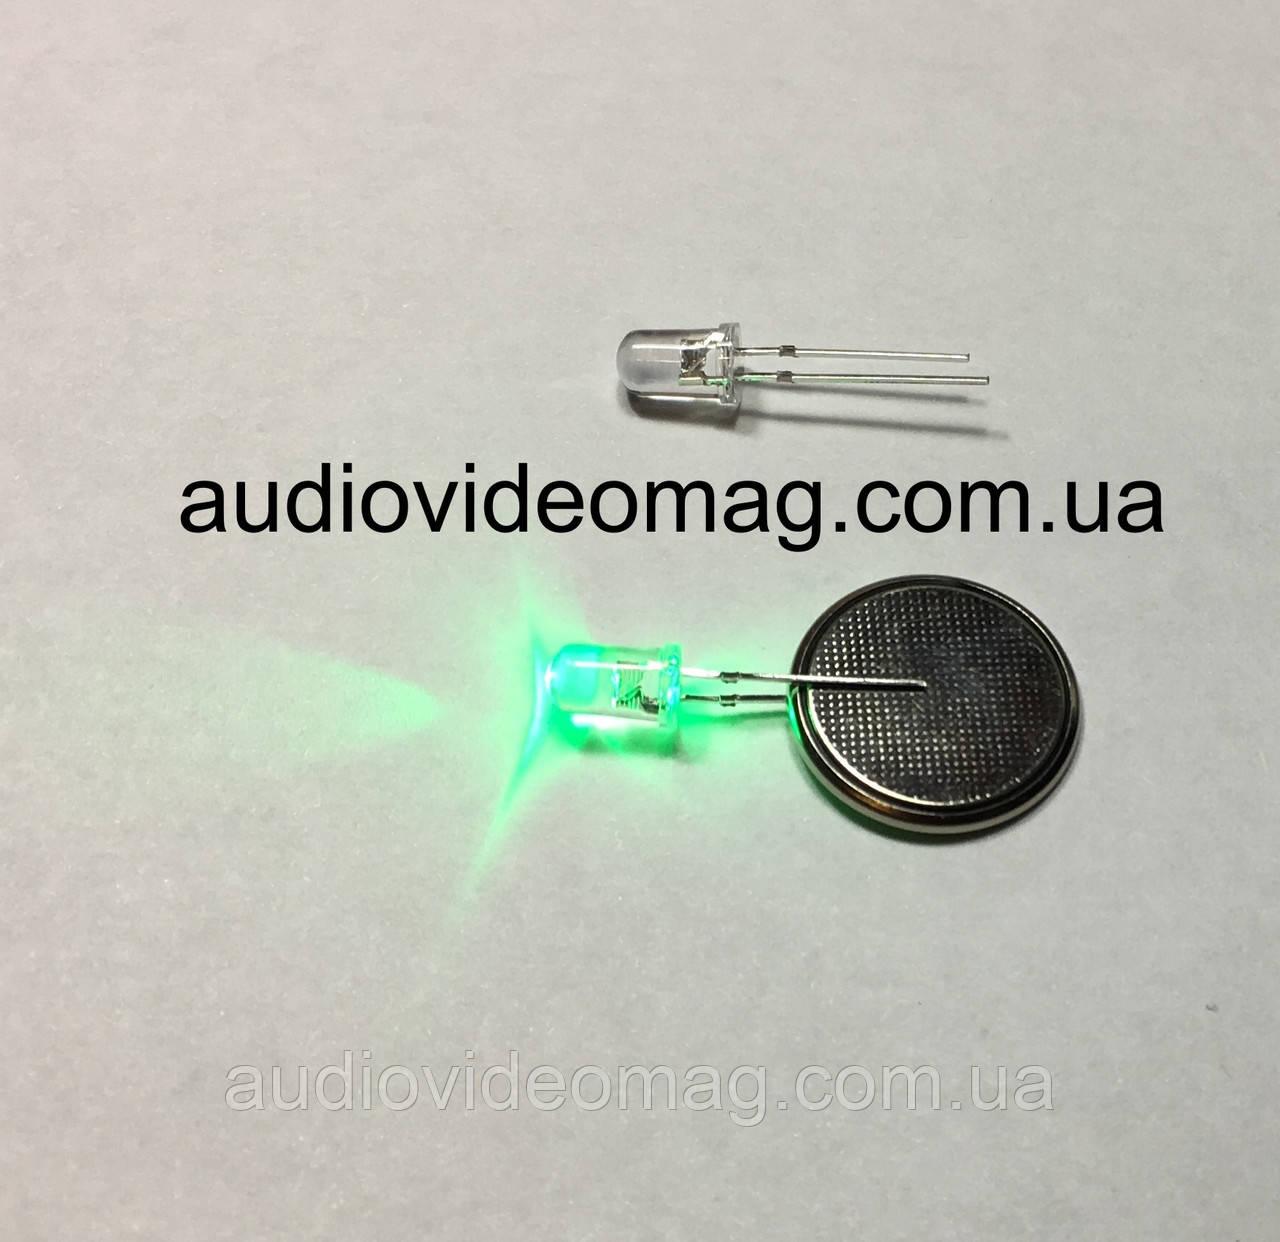 Світлодіод 3V 5 мм, прозорий, колір зелений